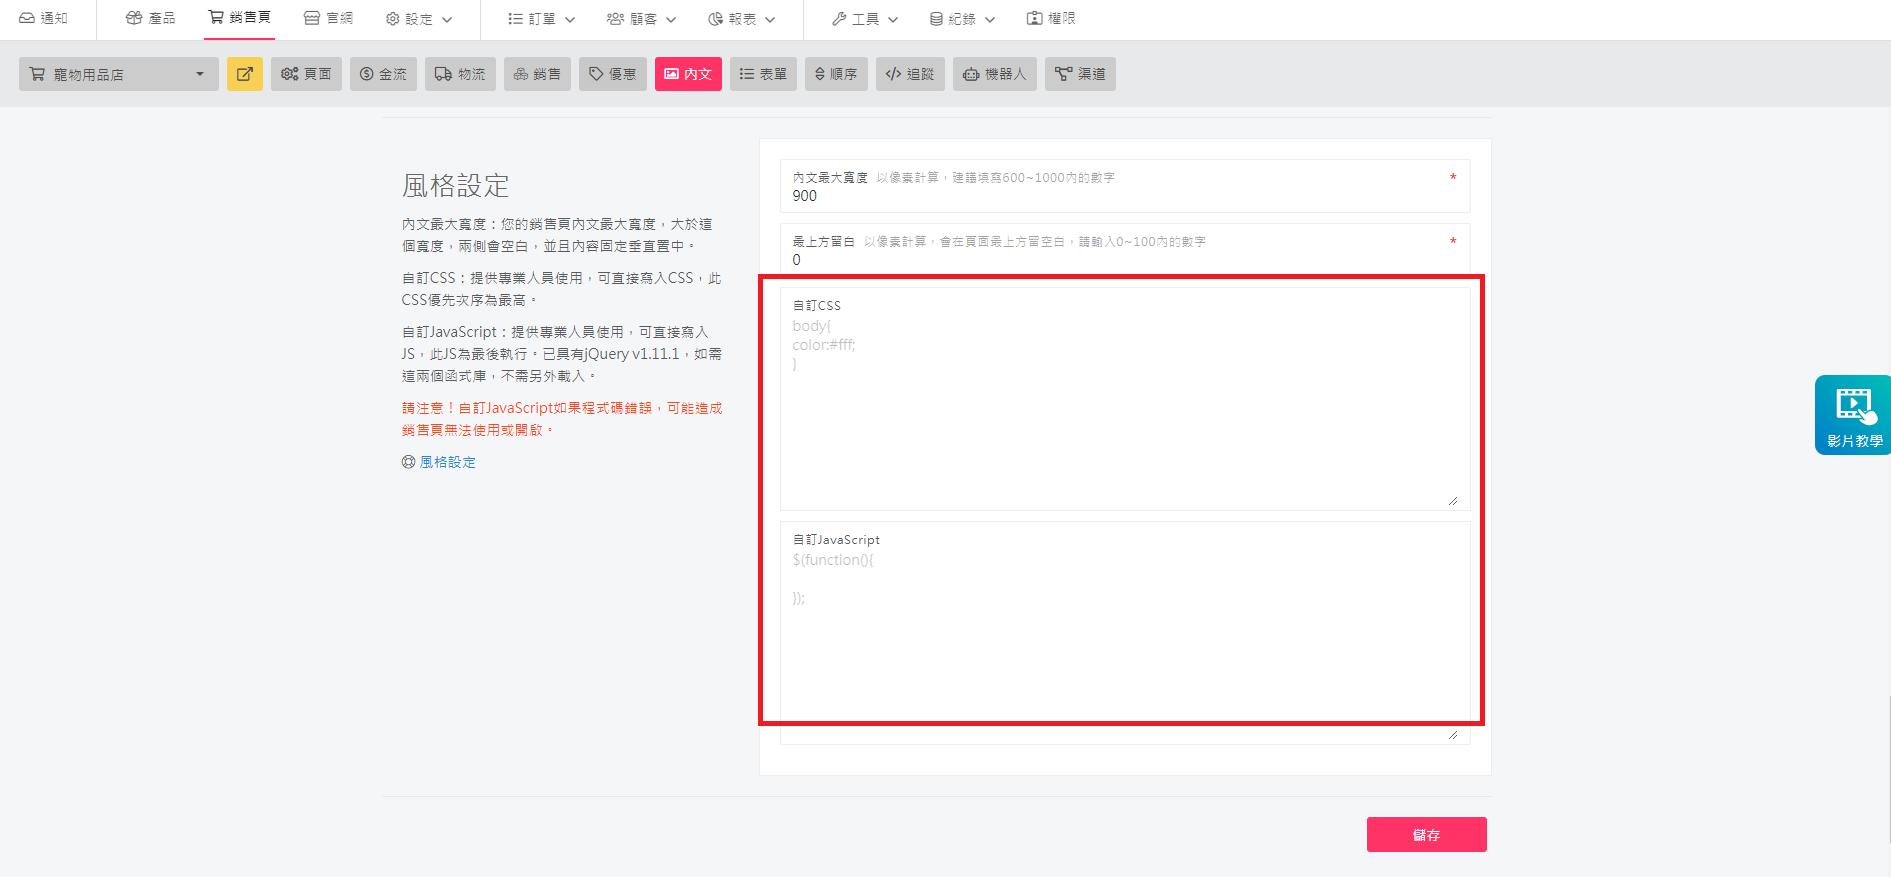 修改程式碼後網頁打不開 風格設定